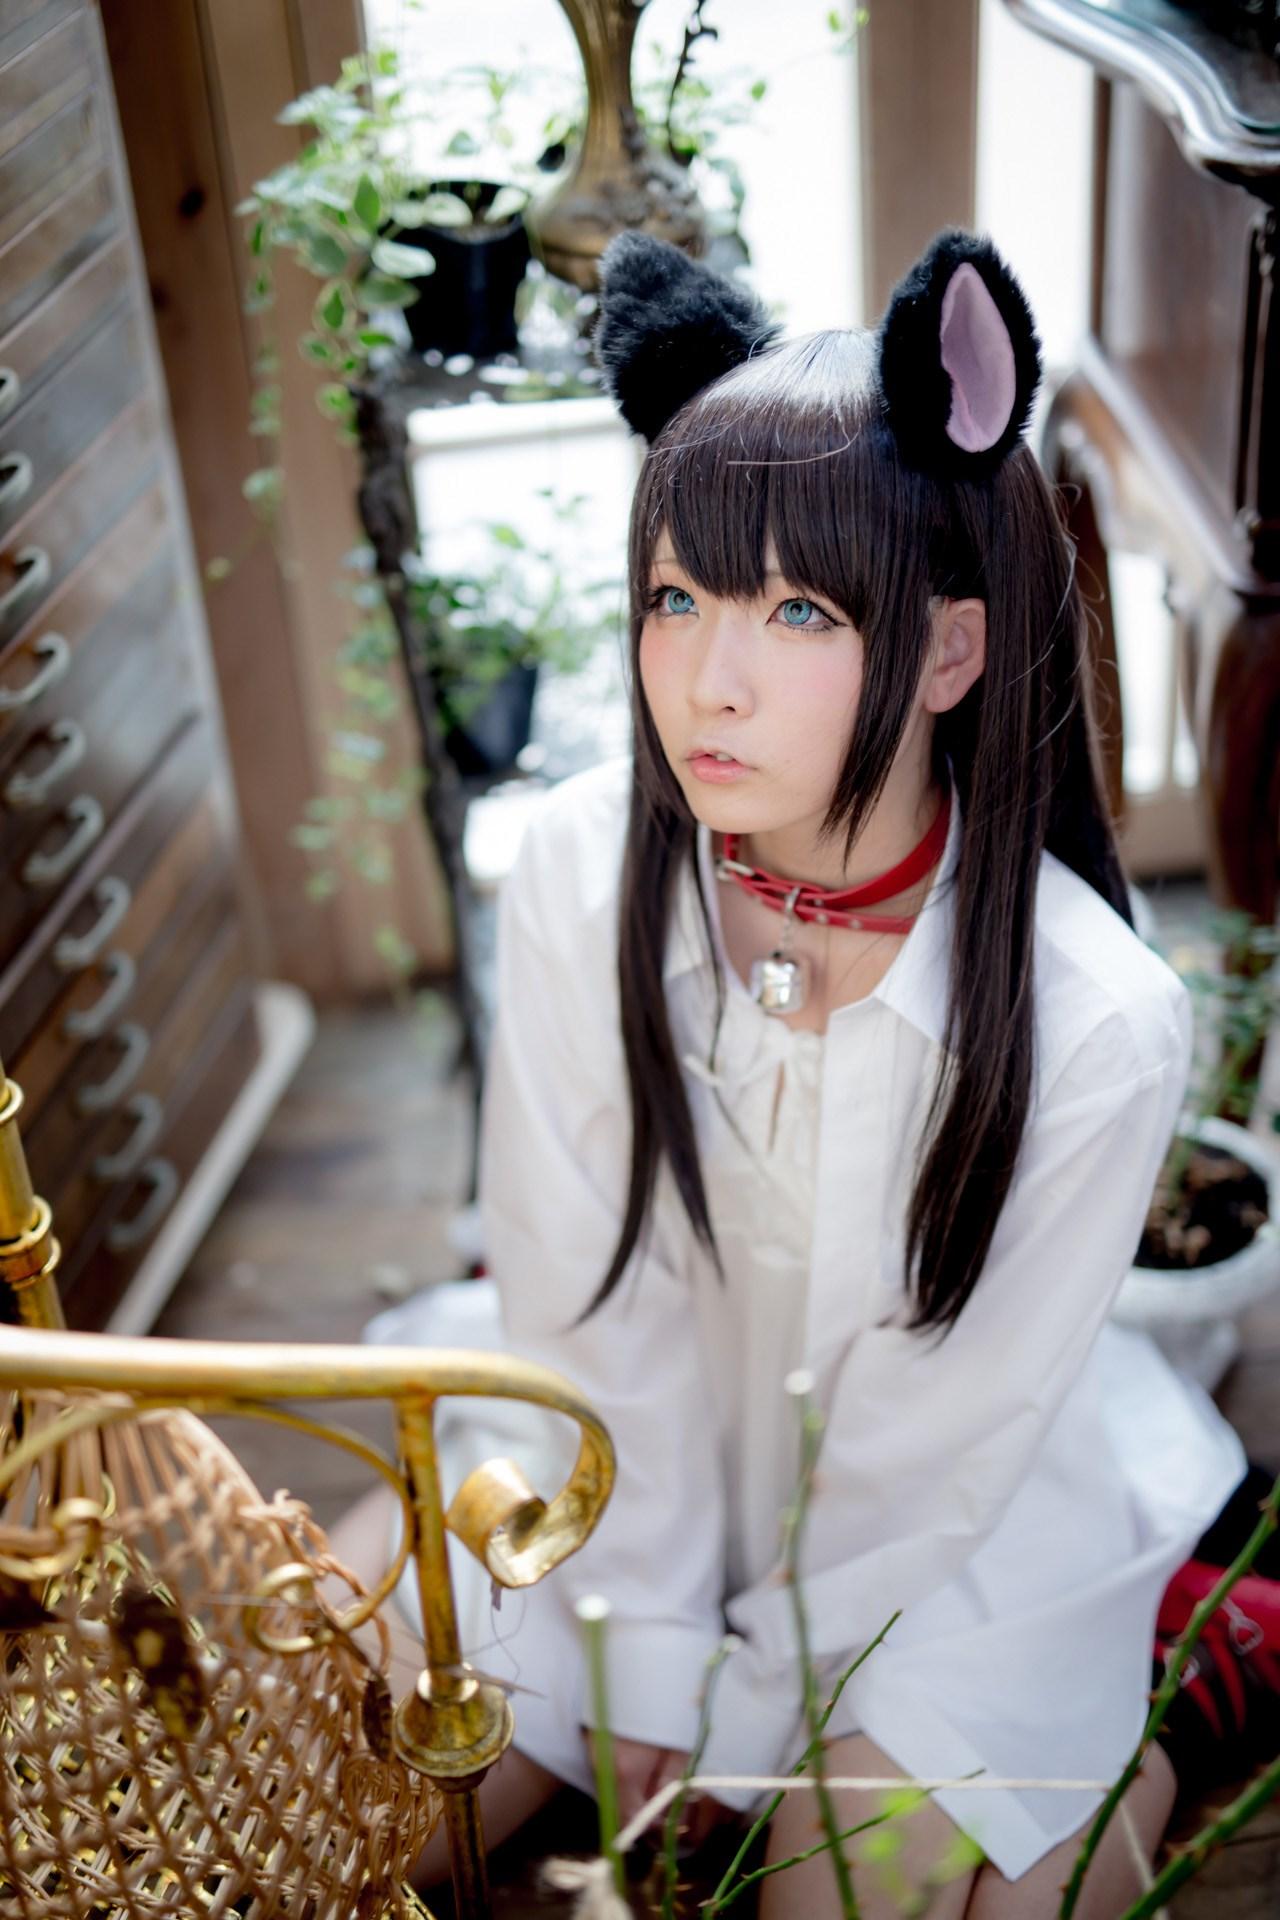 【兔玩映画】猫耳娘 兔玩映画 第62张